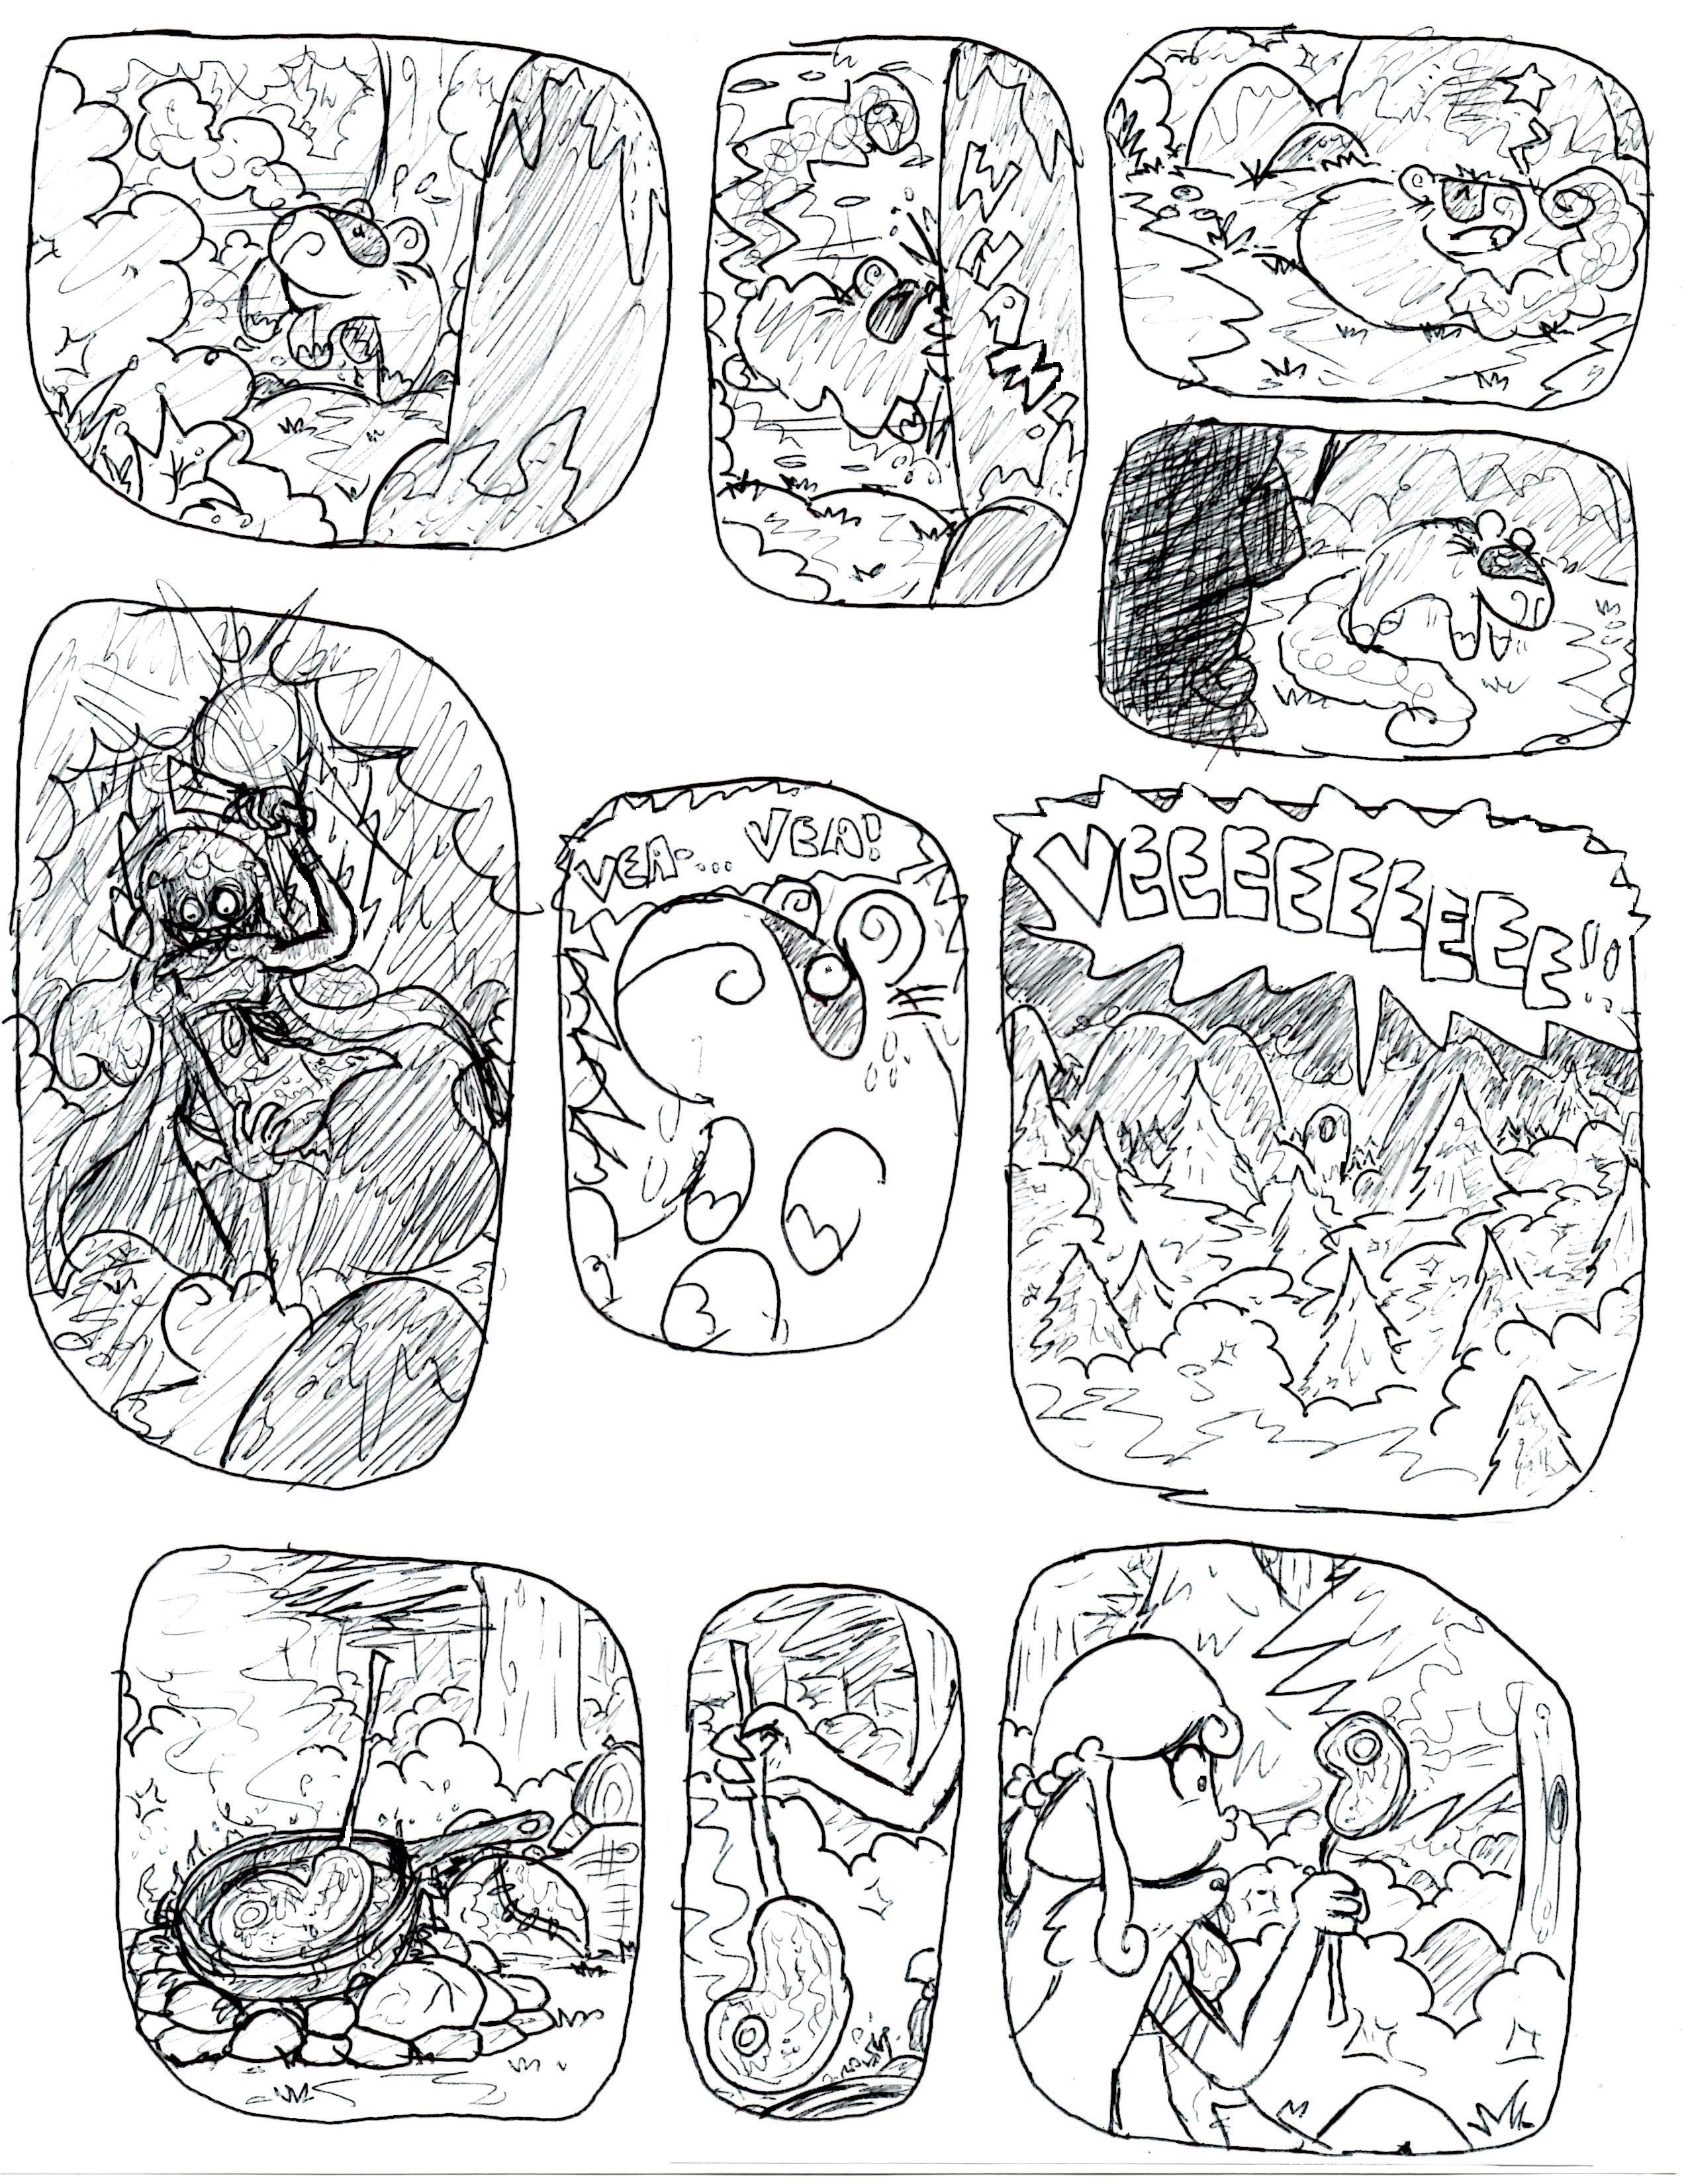 WOYI Page 2